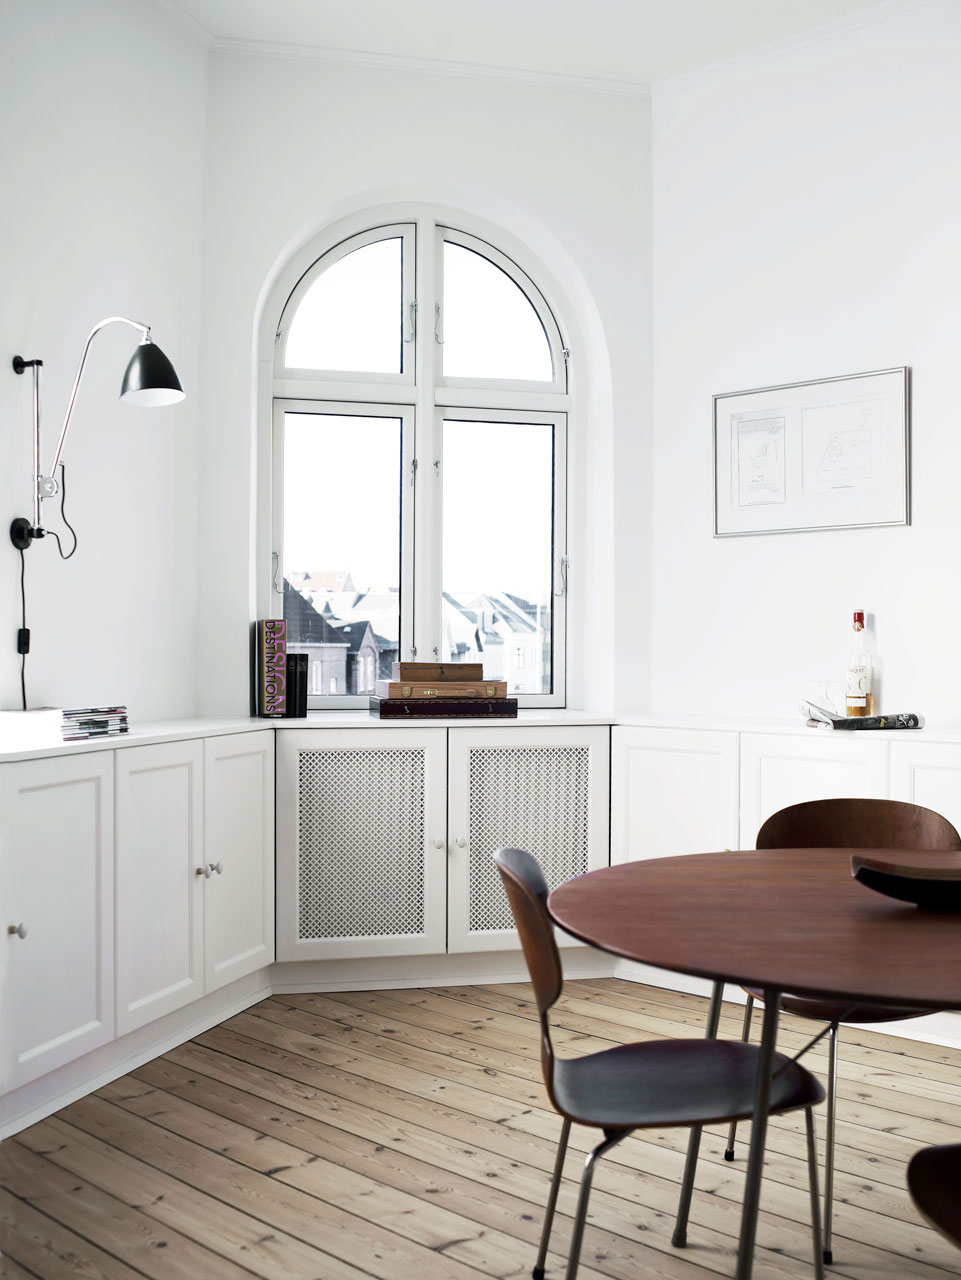 Indbygget reol til 5-kantet rum - Køkkenskaberne